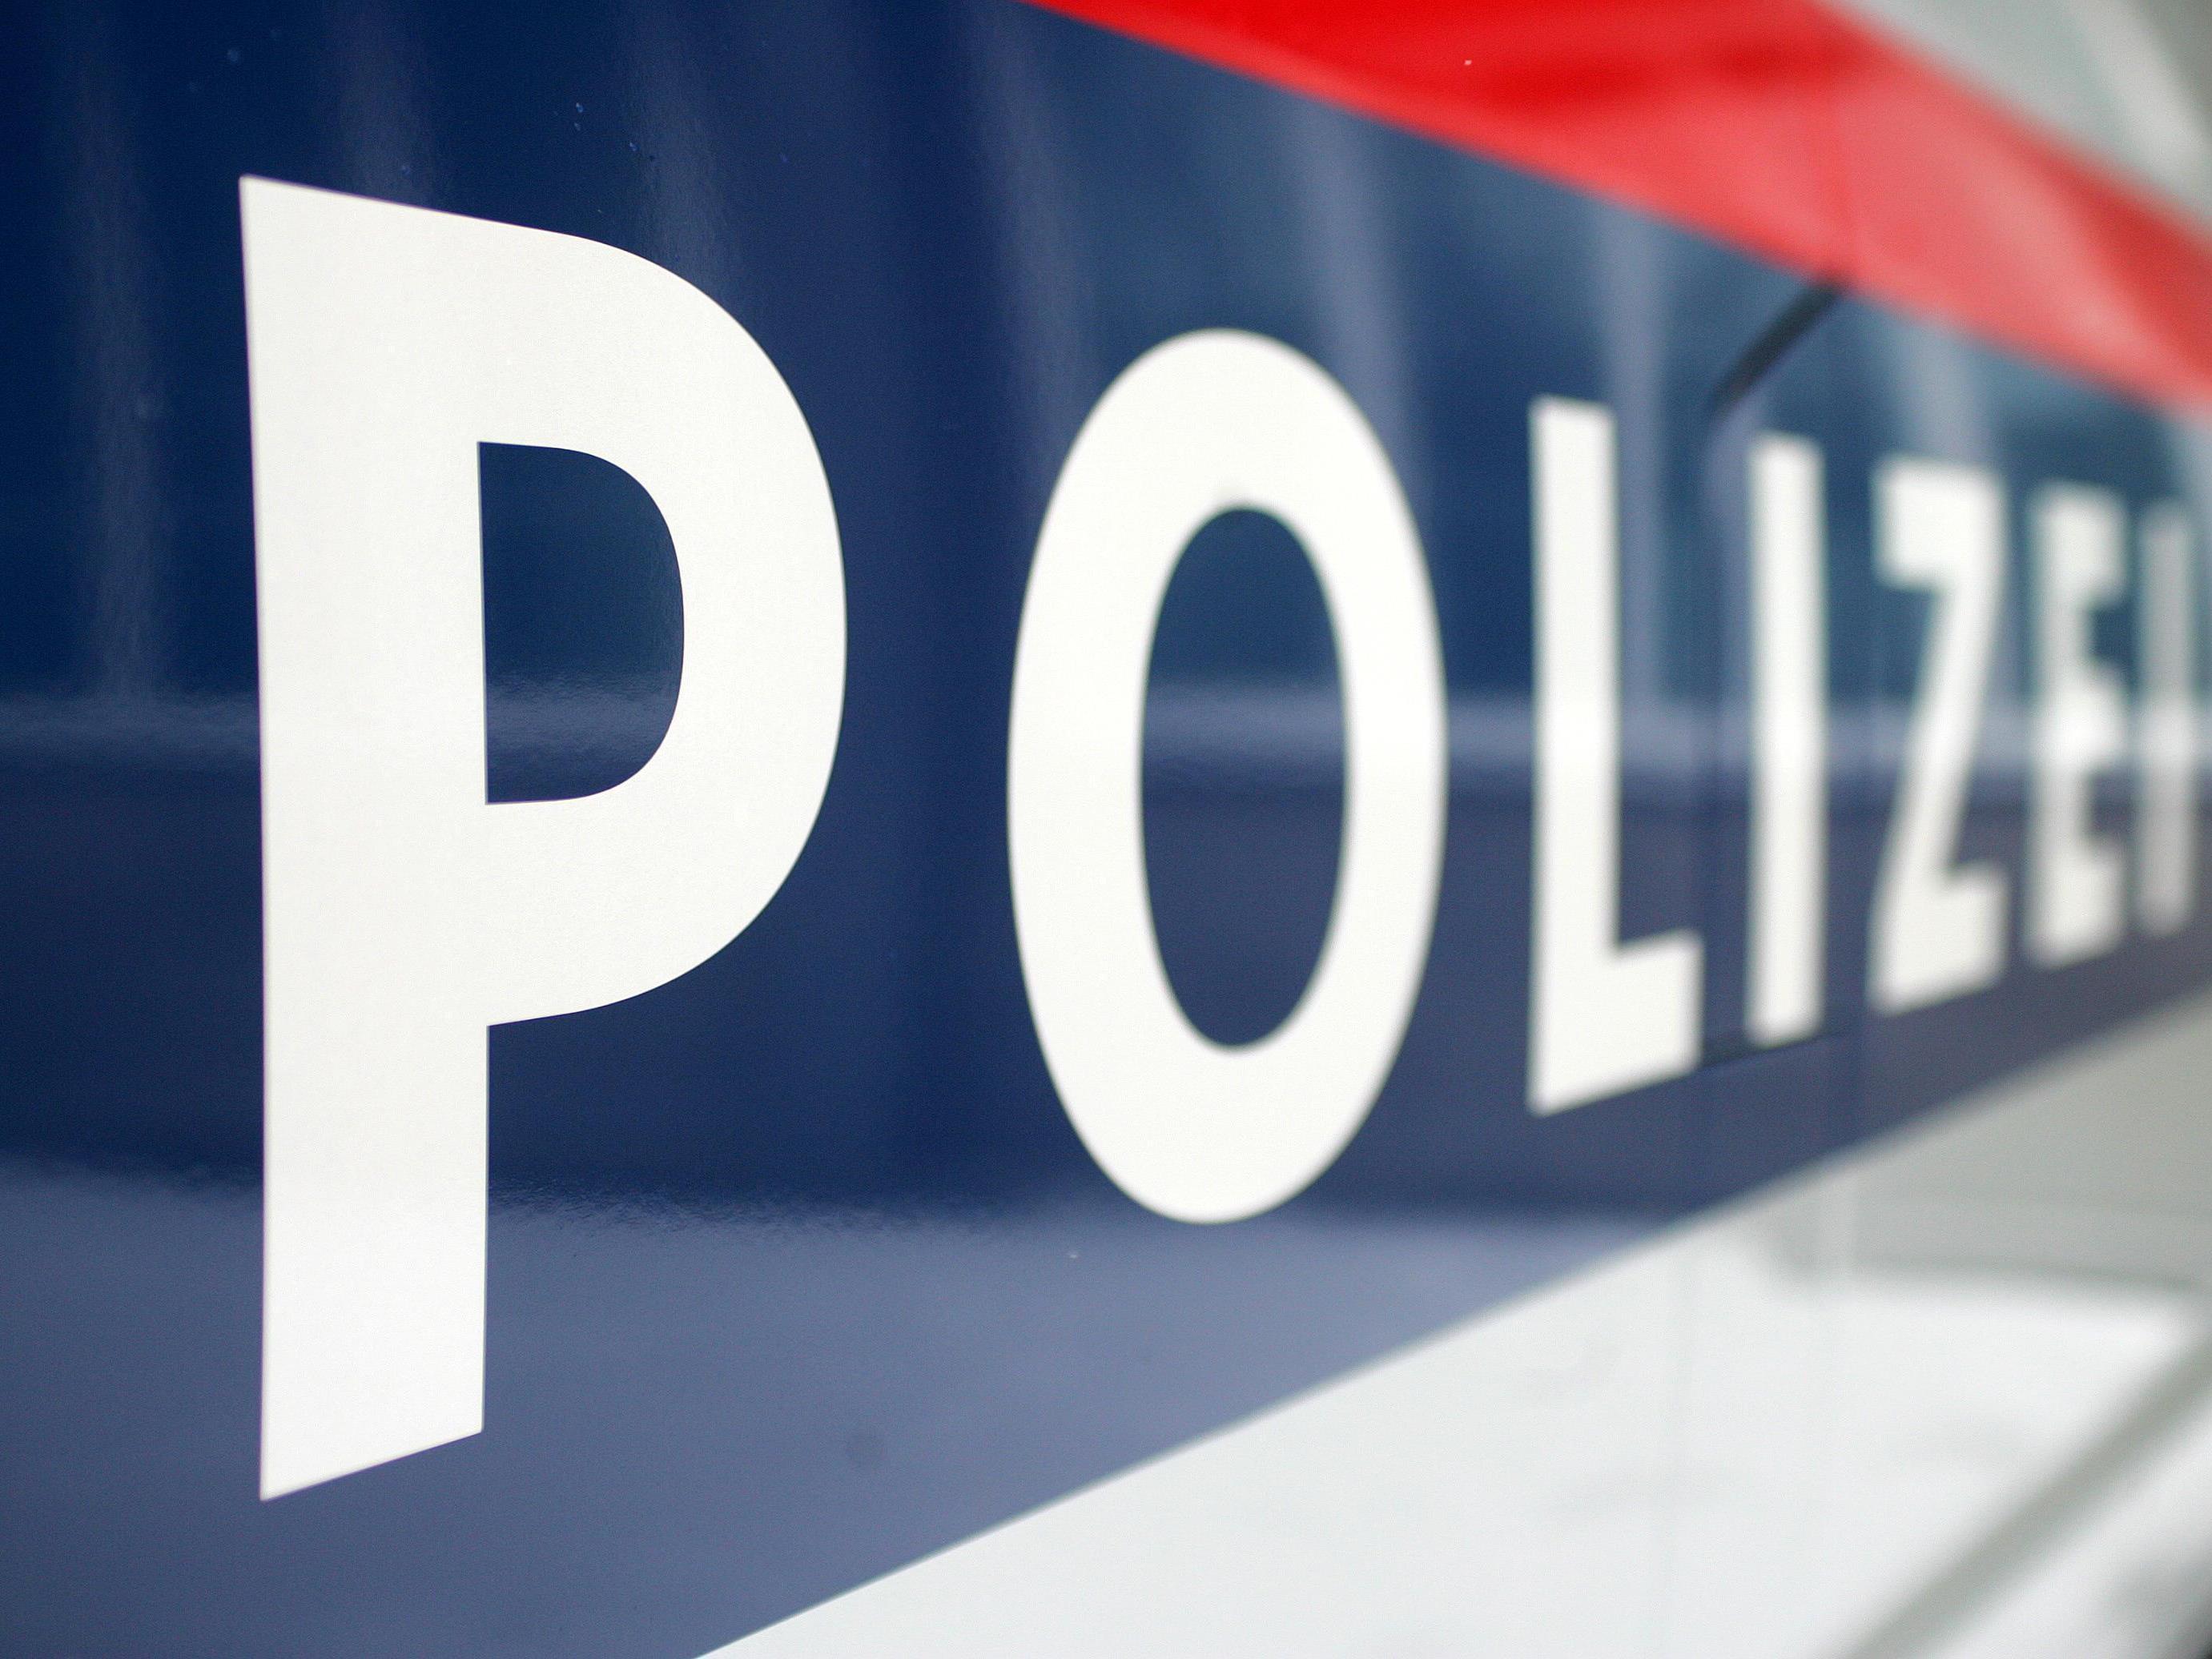 Ein 17-Jähriger stürzte auf der Flucht vor der Polizei drei Meter in einen Abgrund